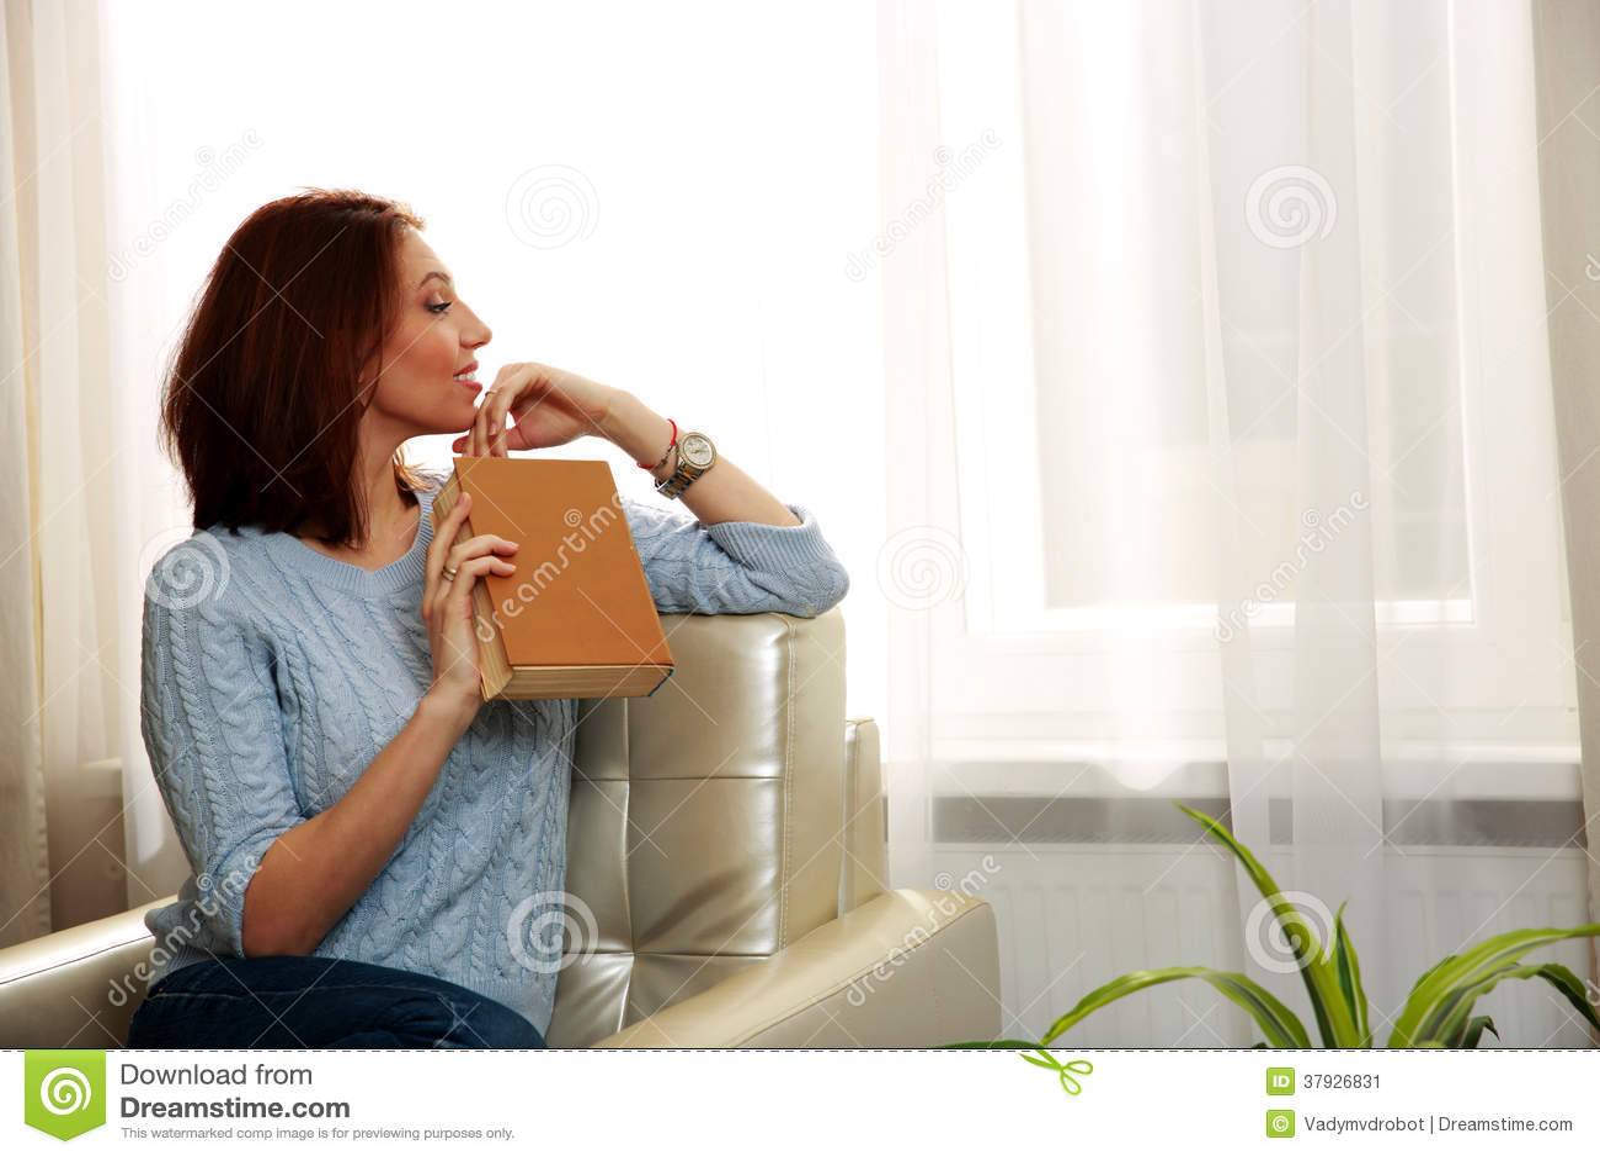 Красивая женщина сидя на софе и держа книгу